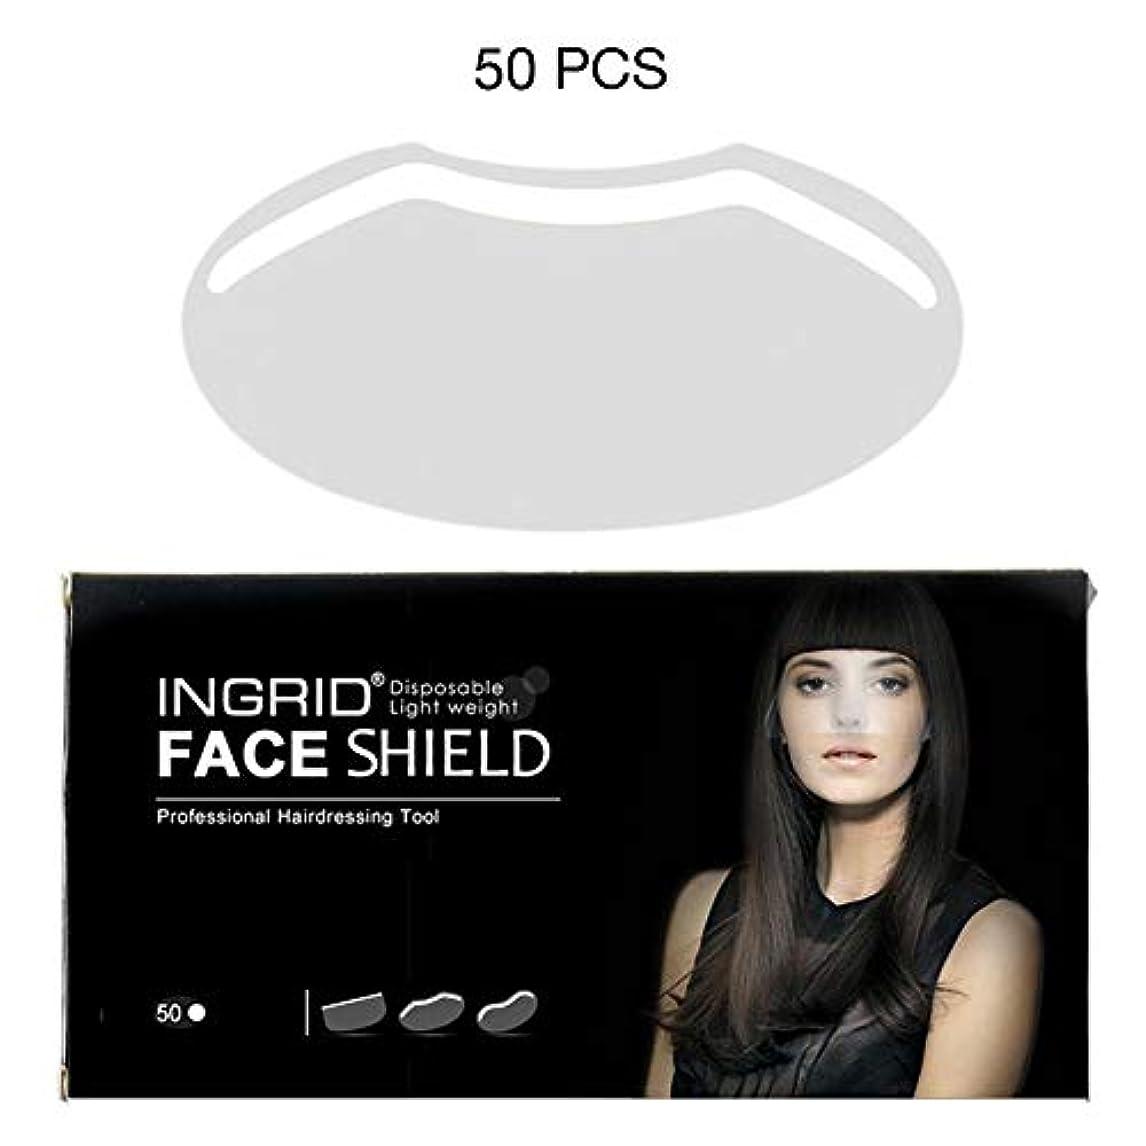 傾斜塩辛い現代のヘアカットバッフル、50 PCS透明プラスチック使い捨てフェイス額ヘアカットシールドマスク、ヘアカット用フェイスアイを保護